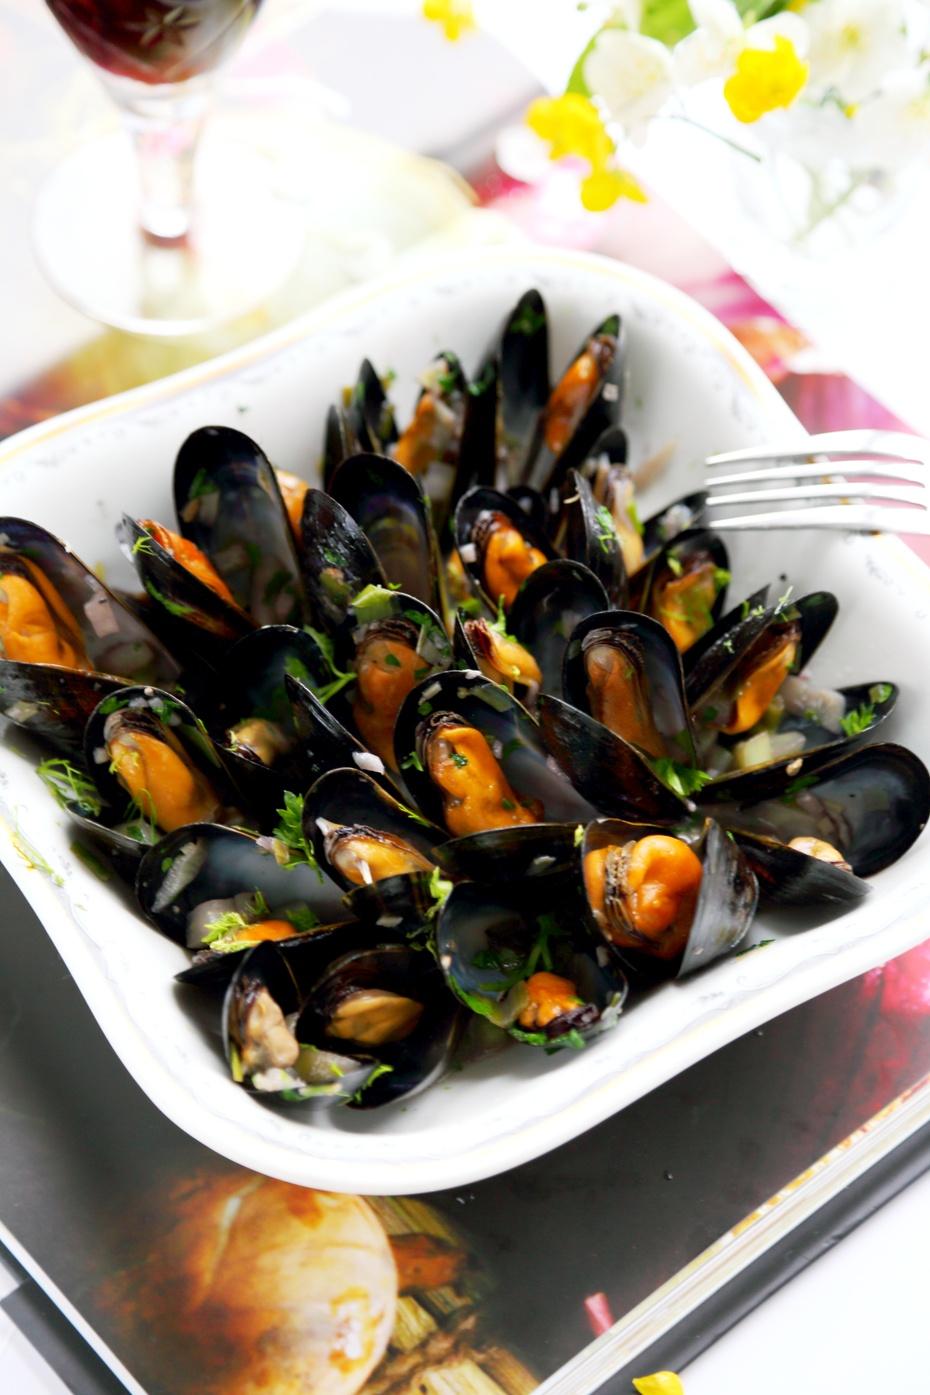 法式贻贝---解密舌尖2之美食 - 慢美食 - 慢 美 食